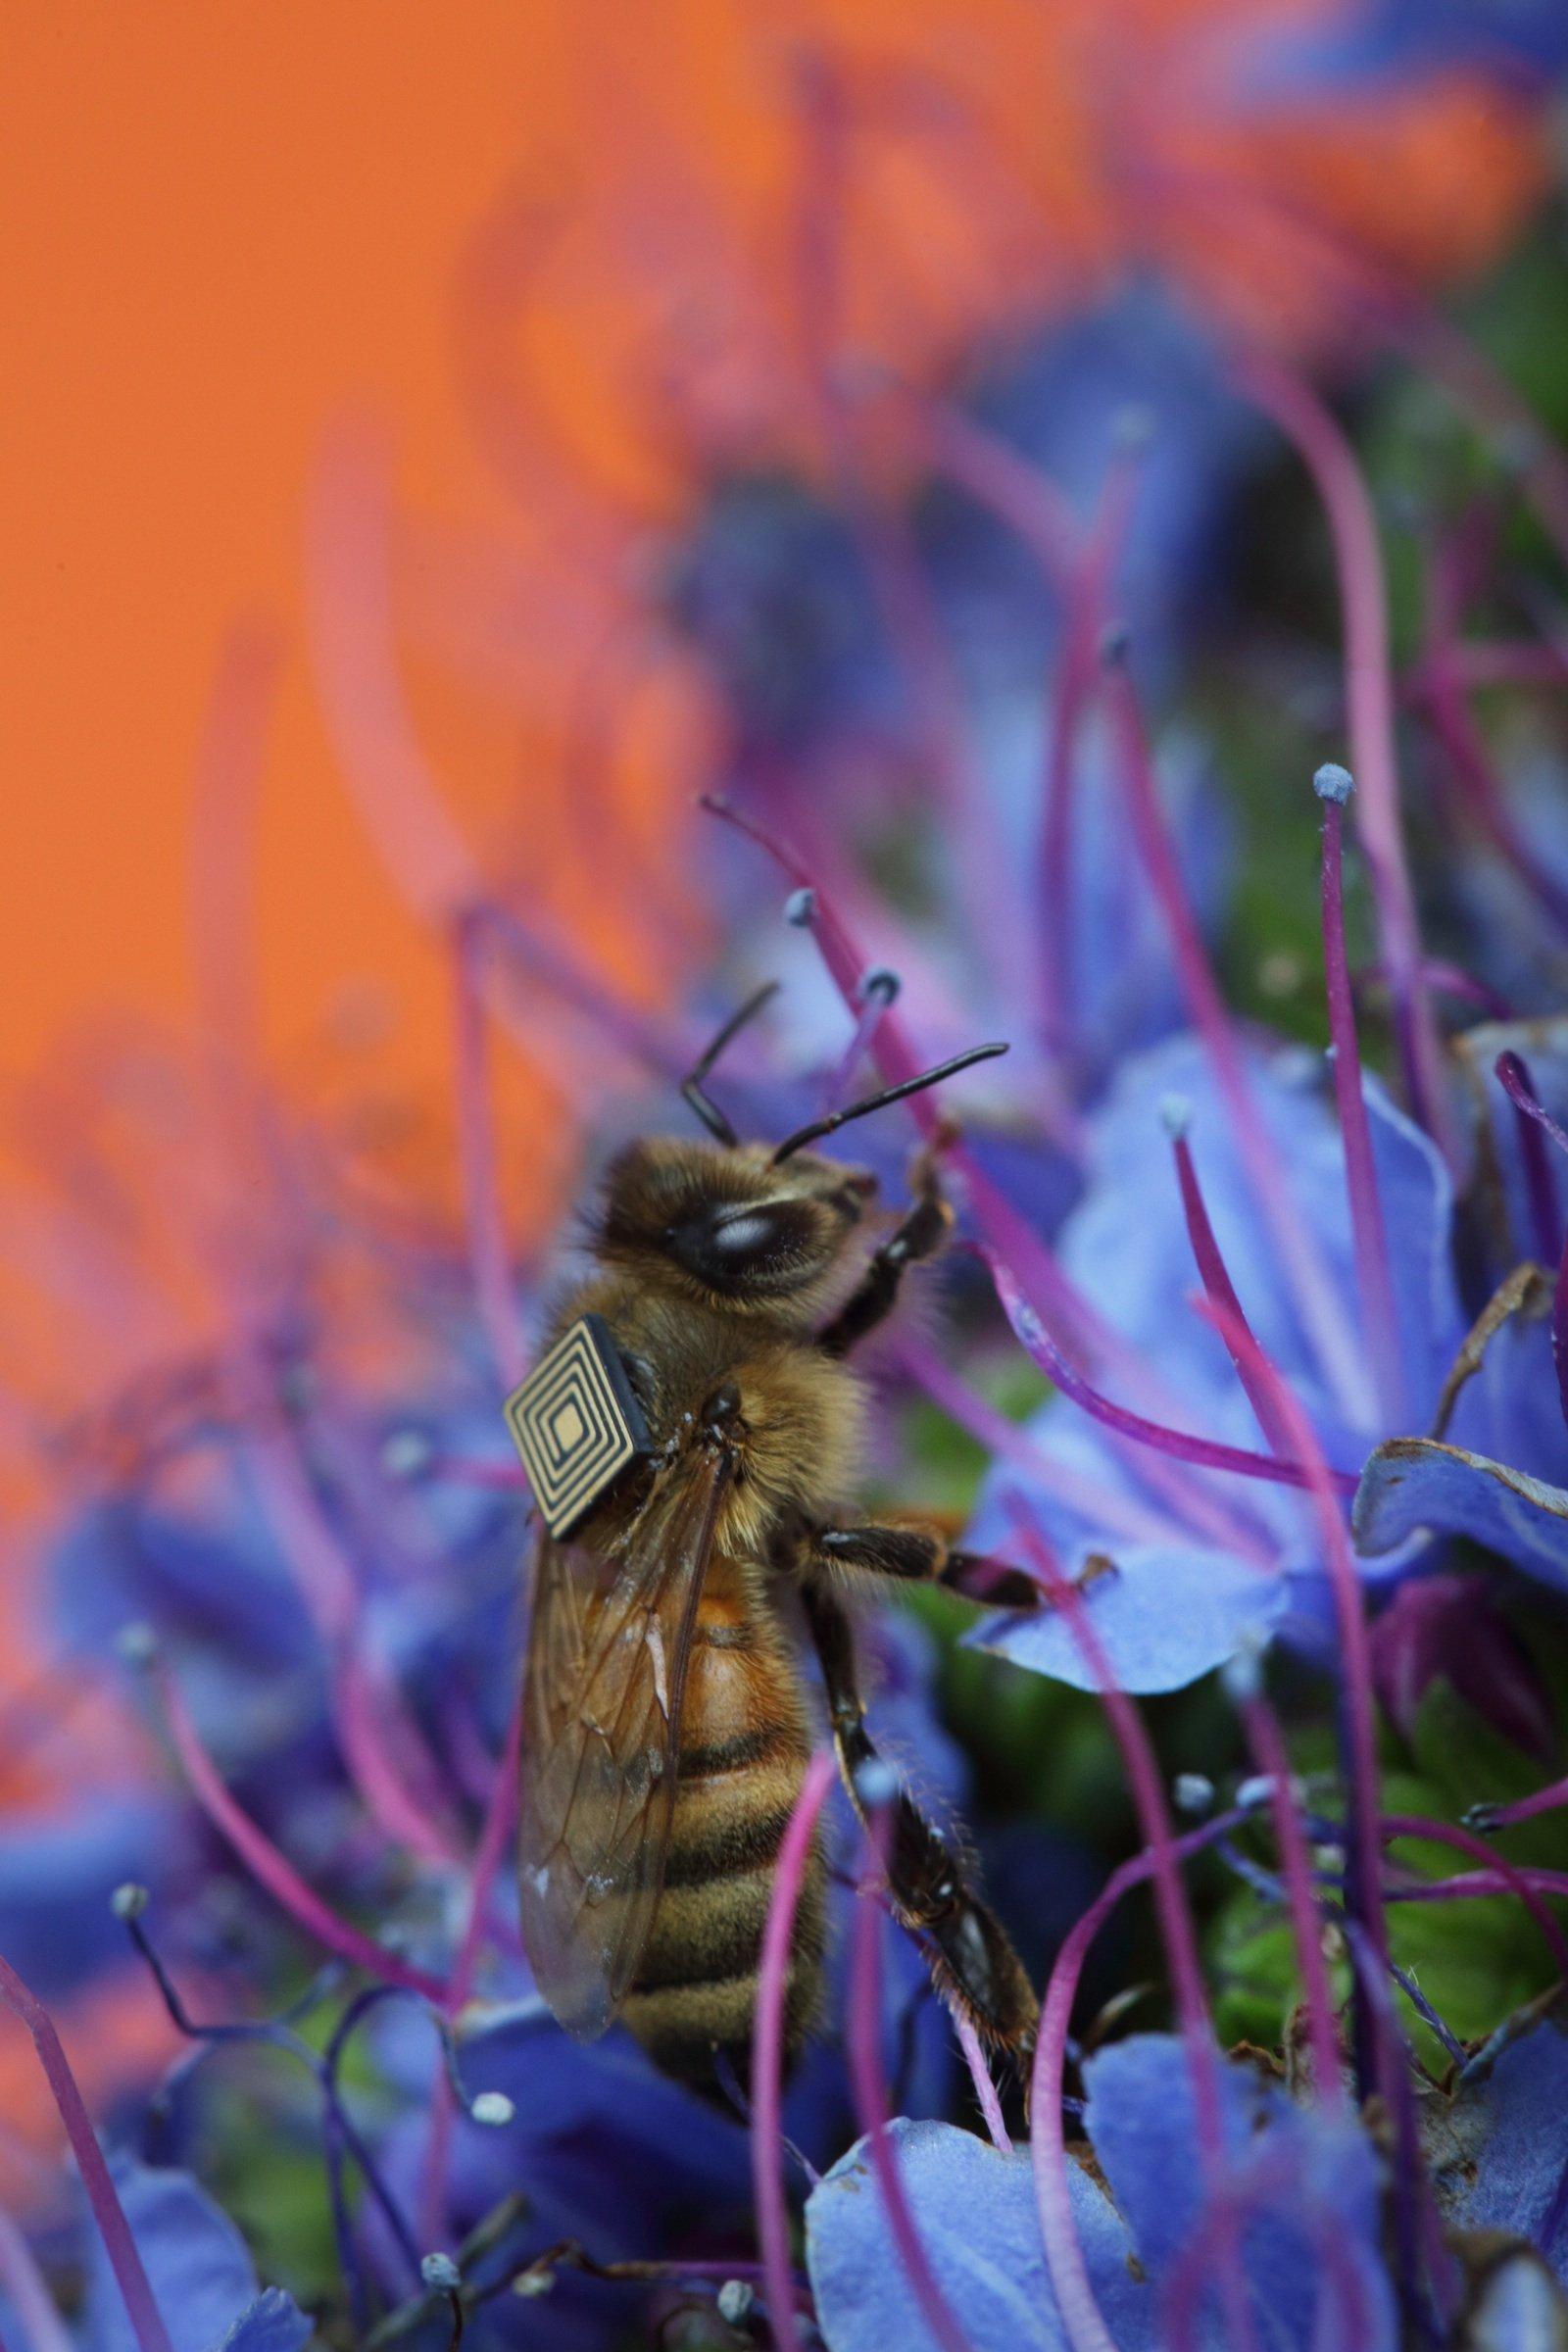 Fleißige Biene: Ihren Intel-Rucksack auf dem Rücken versorgt sie durch Vibrationen selbstständig mit Strom.